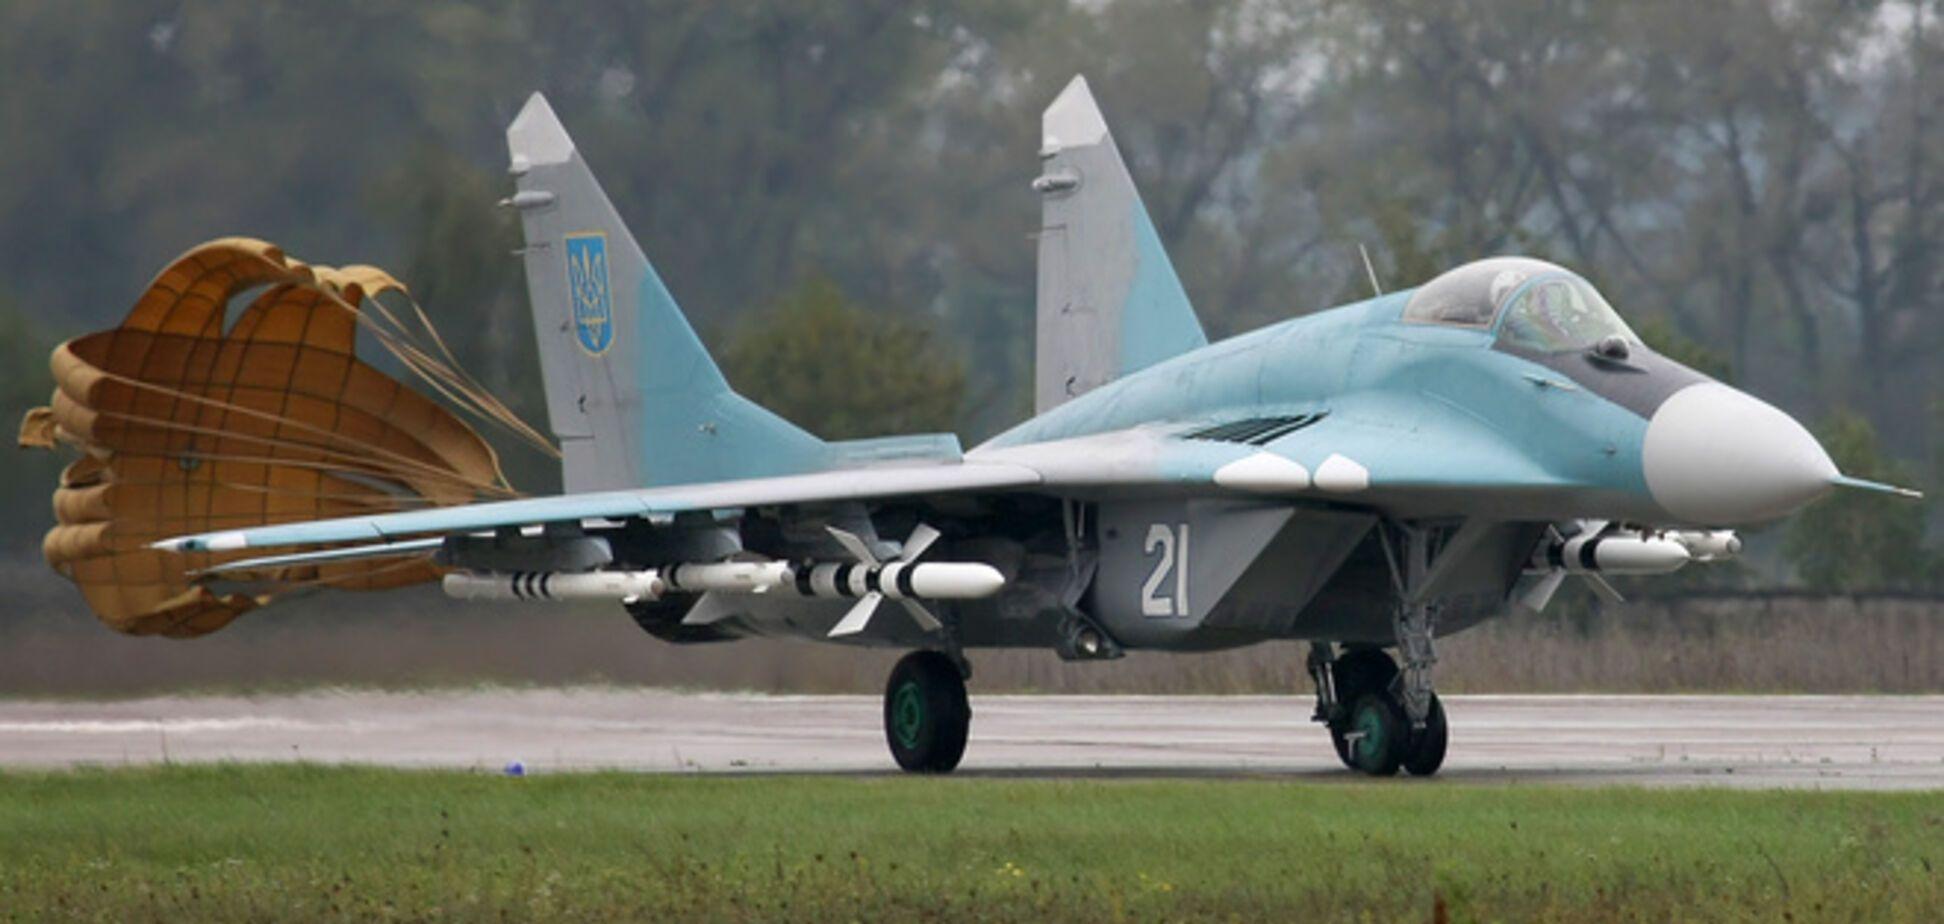 В Крыму оккупанты отрабатывают полеты в сложных метеоусловиях на украинских самолетах - СМИ